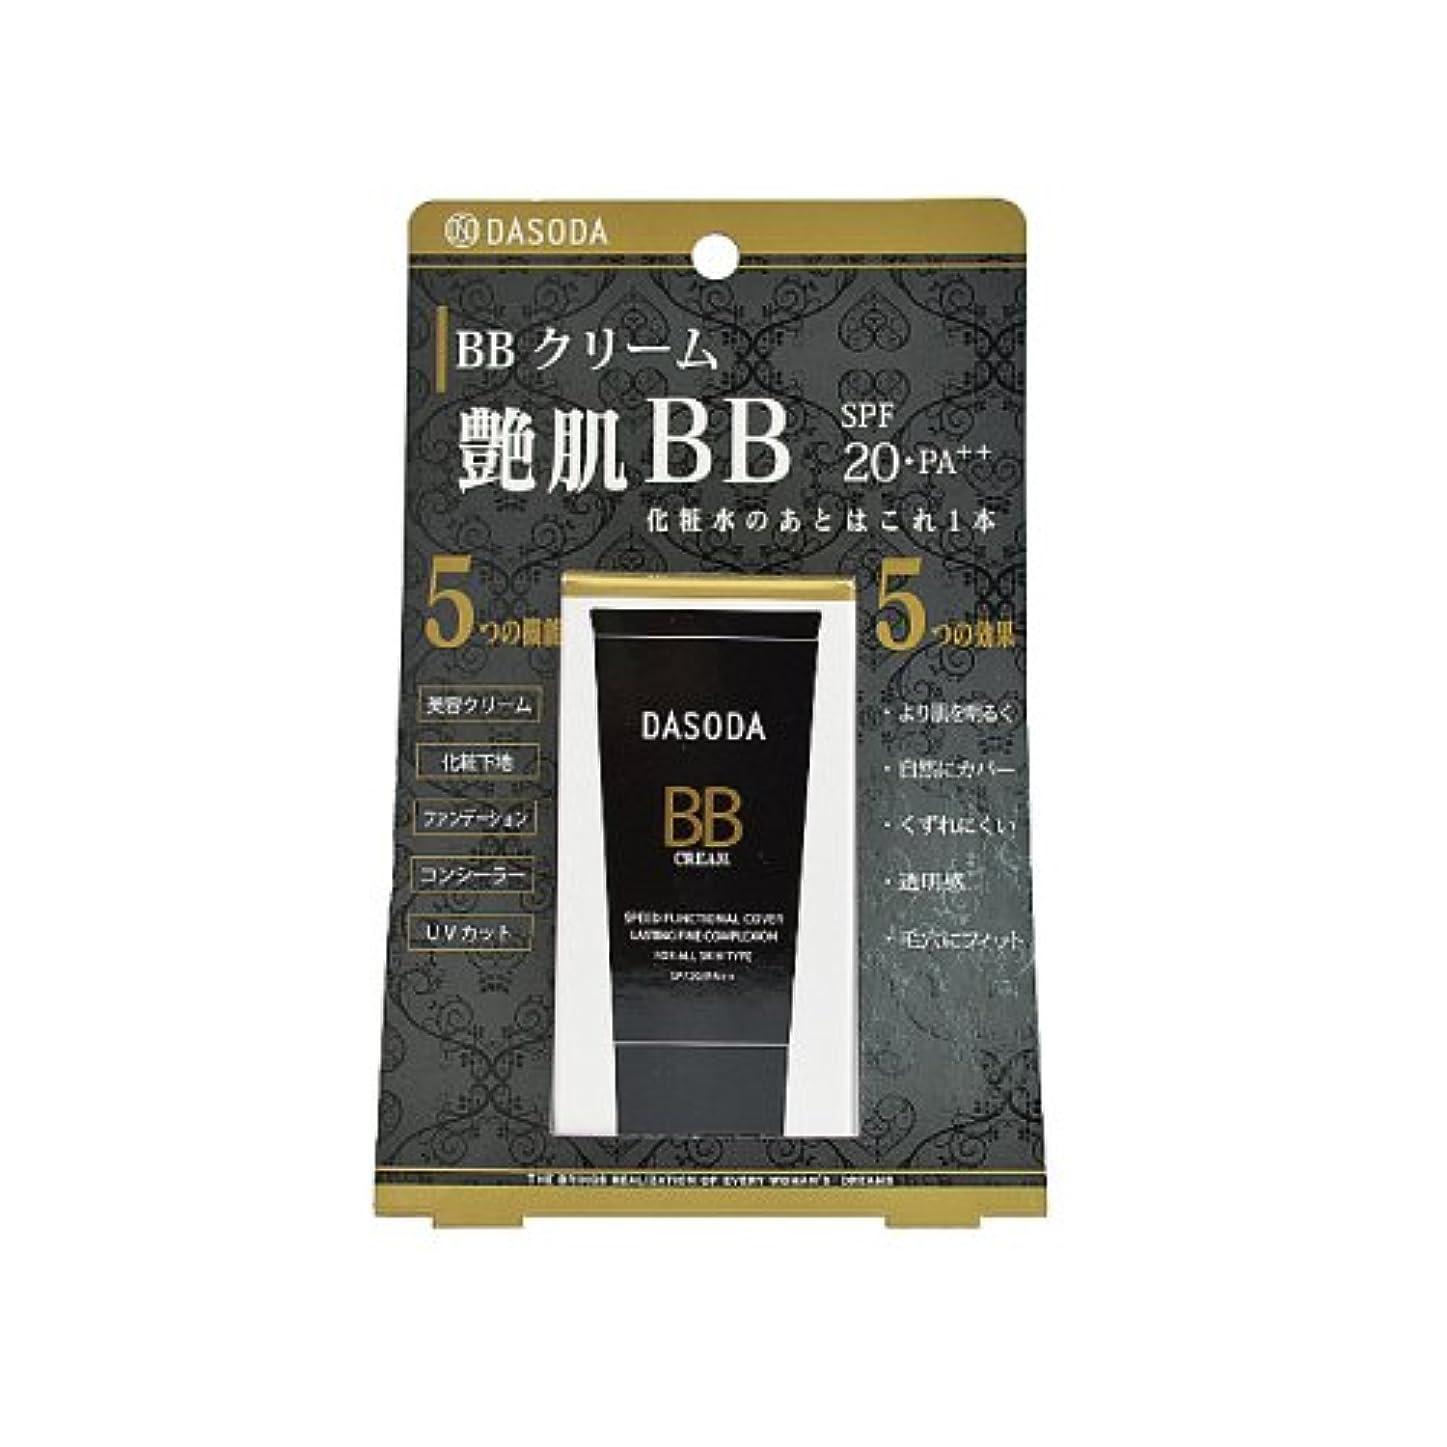 煙突パンチコントロールDASODA(ダソダ) FC BB クリーム